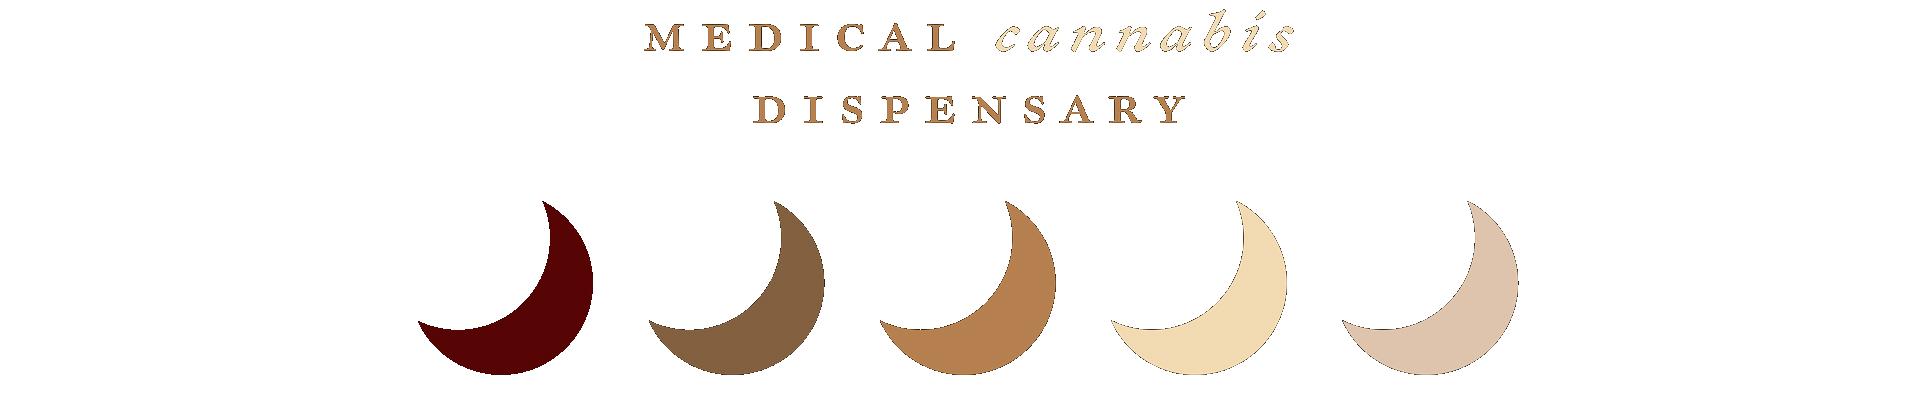 Medical Dispensary copy